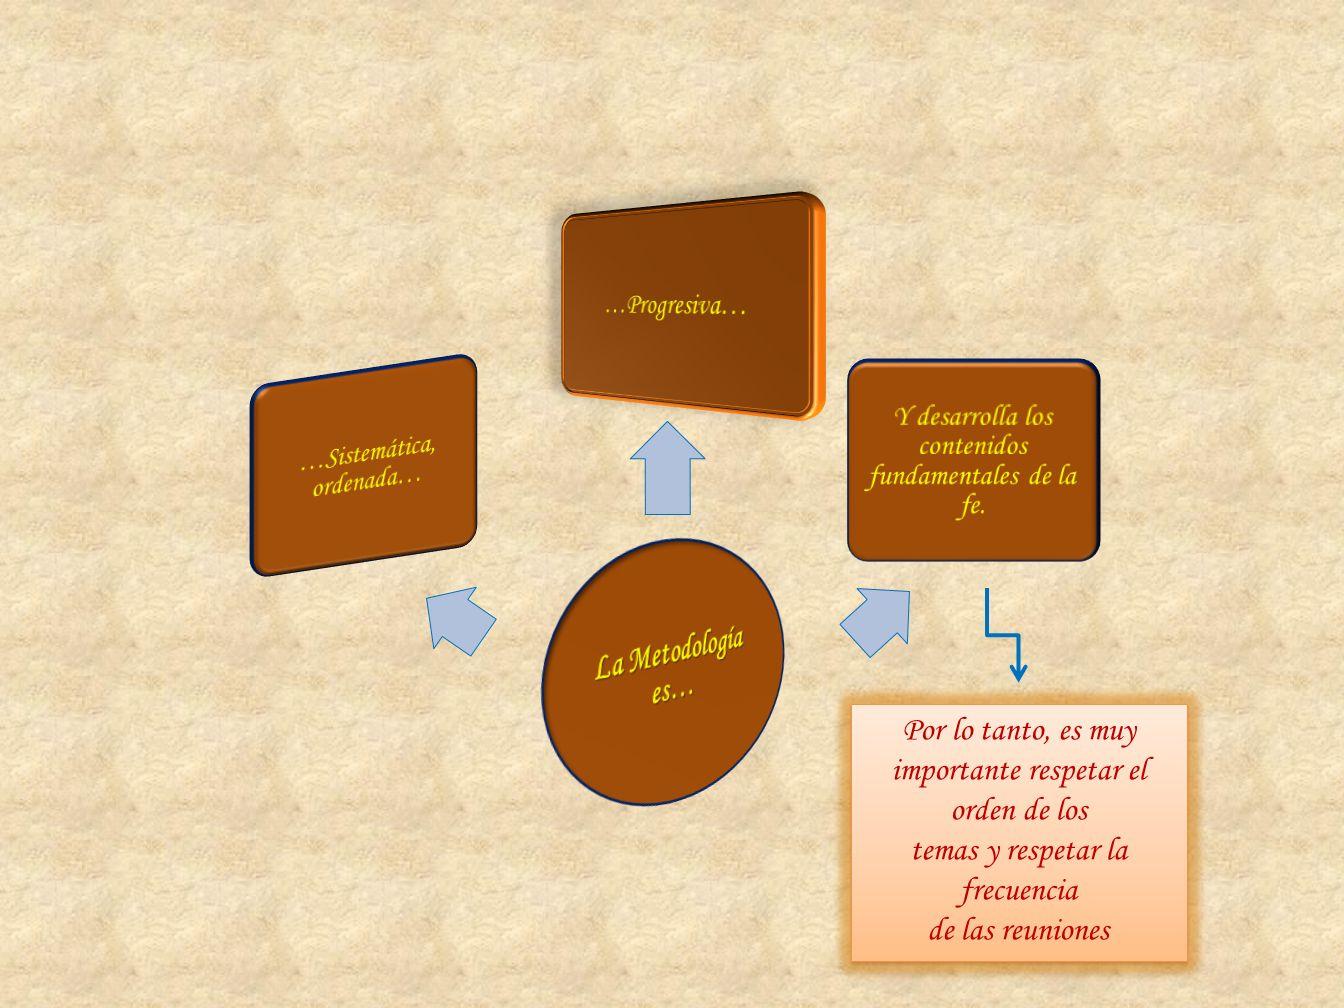 Por lo tanto, es muy importante respetar el orden de los temas y respetar la frecuencia de las reuniones